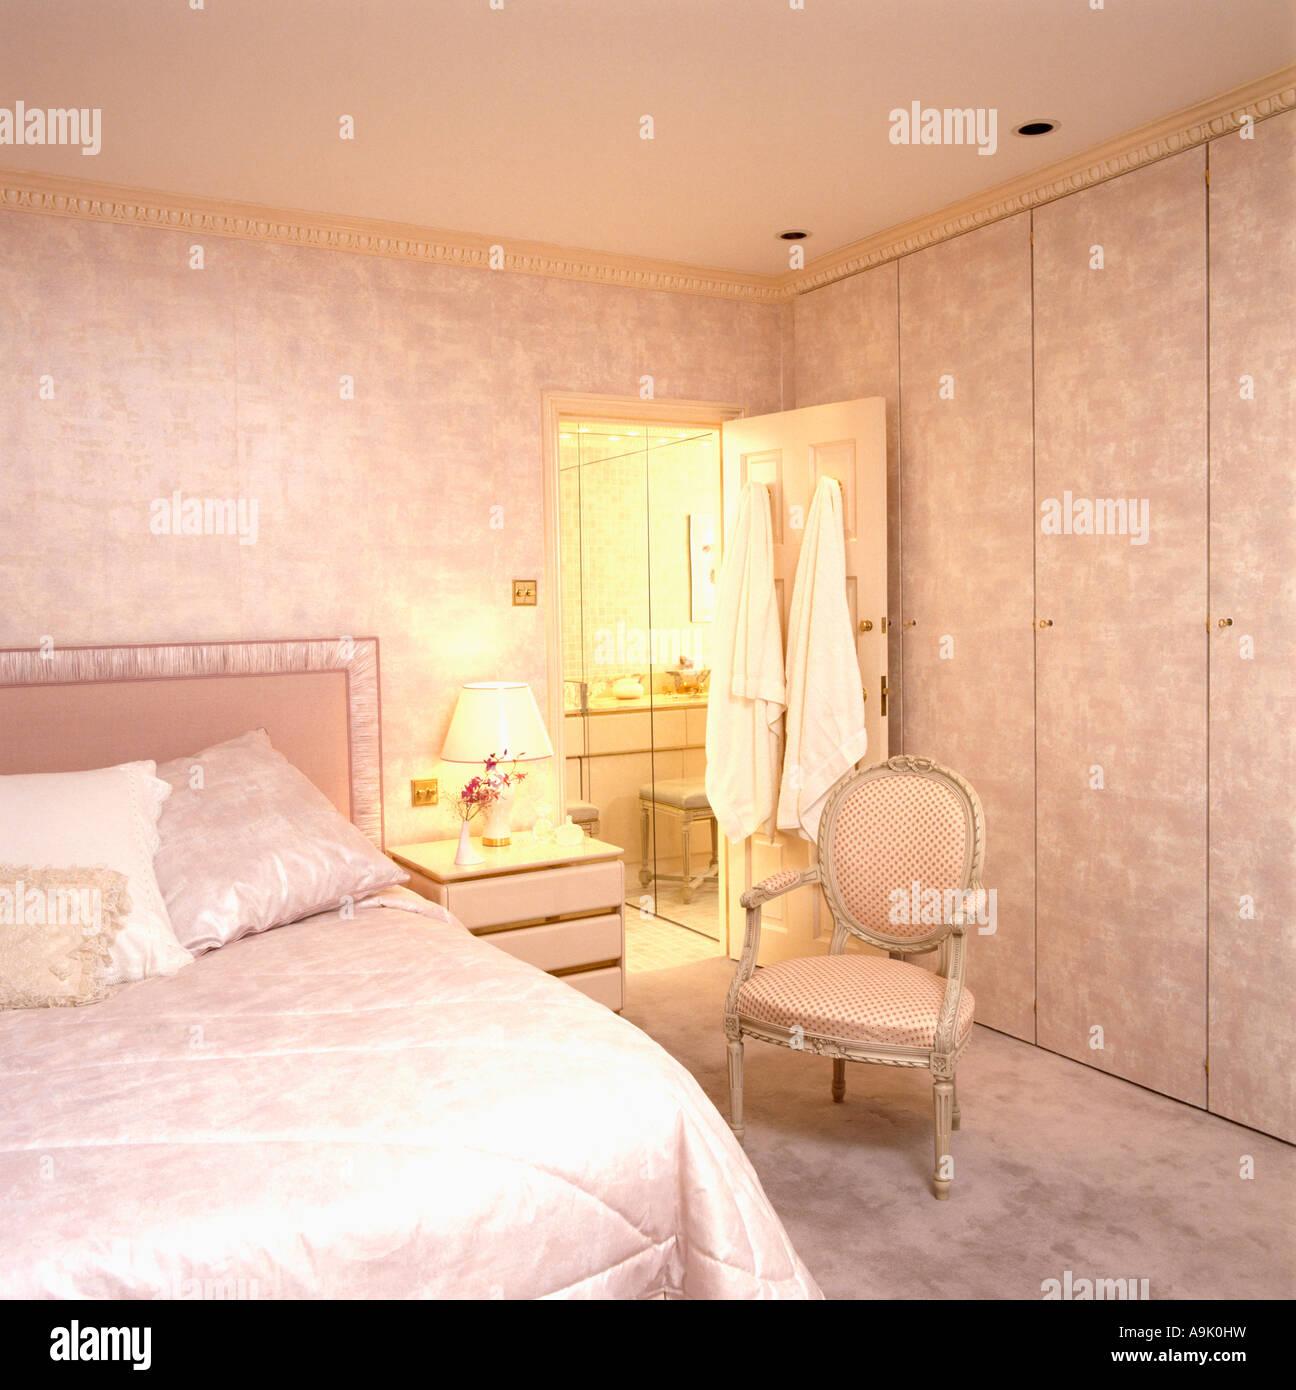 Eighties Pink Wallpaper Stock Photos & Eighties Pink Wallpaper Stock ...